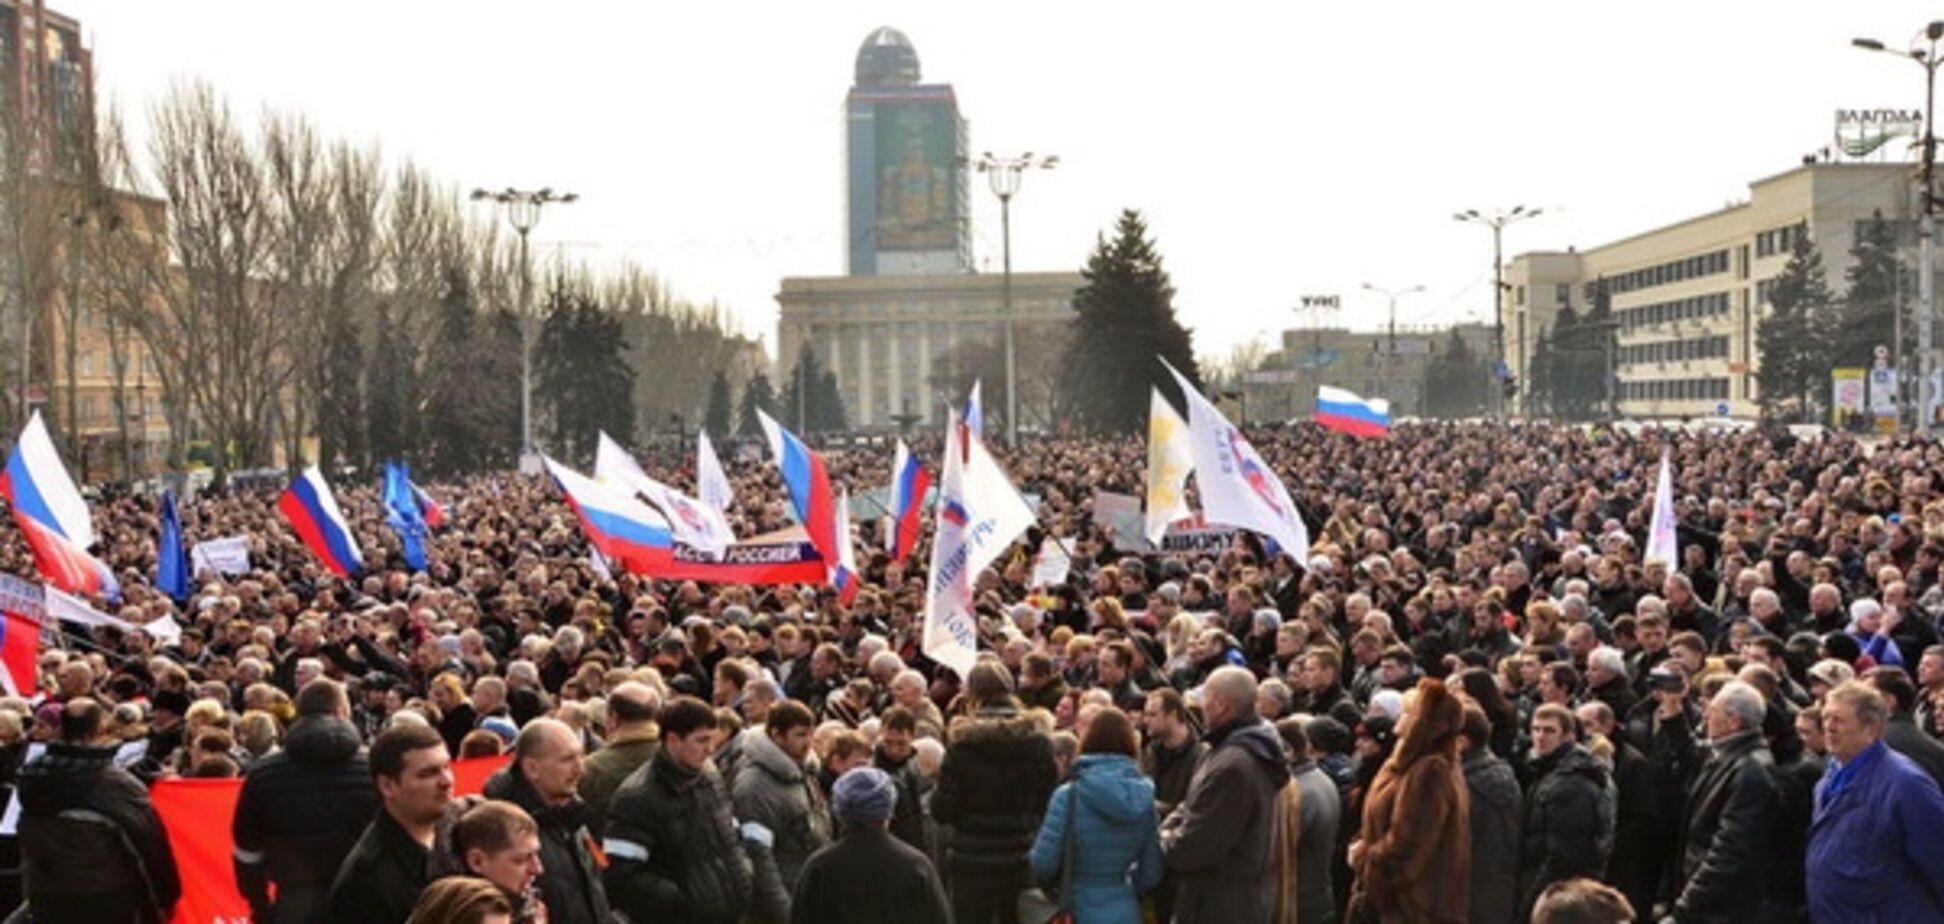 митинг в Донецке 1 марта 2014